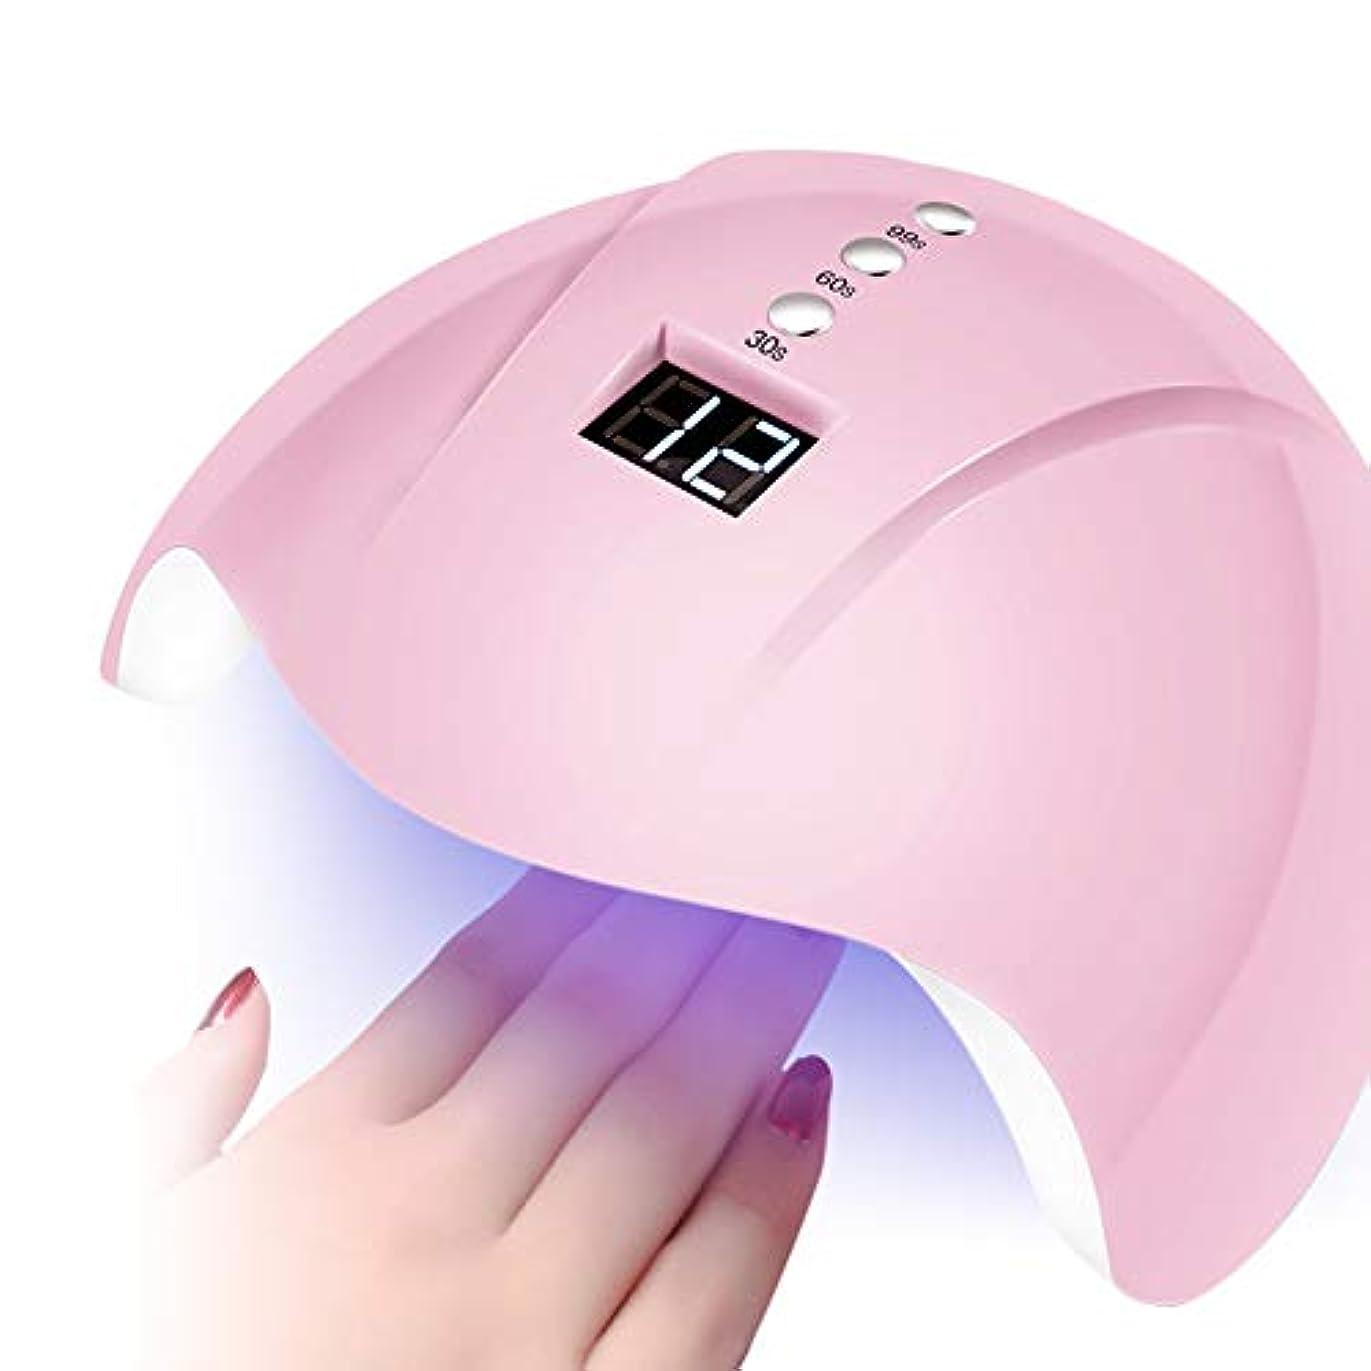 美徳はねかける普及2019最新版 LEDネイルドライヤー UVライト 36W LED硬化ライト 自動センサー 3段階タイマー設定 12LED 高速硬化ジェルネイルライトUVとLEDダブルライト ジェルネイル用 (ピンク)